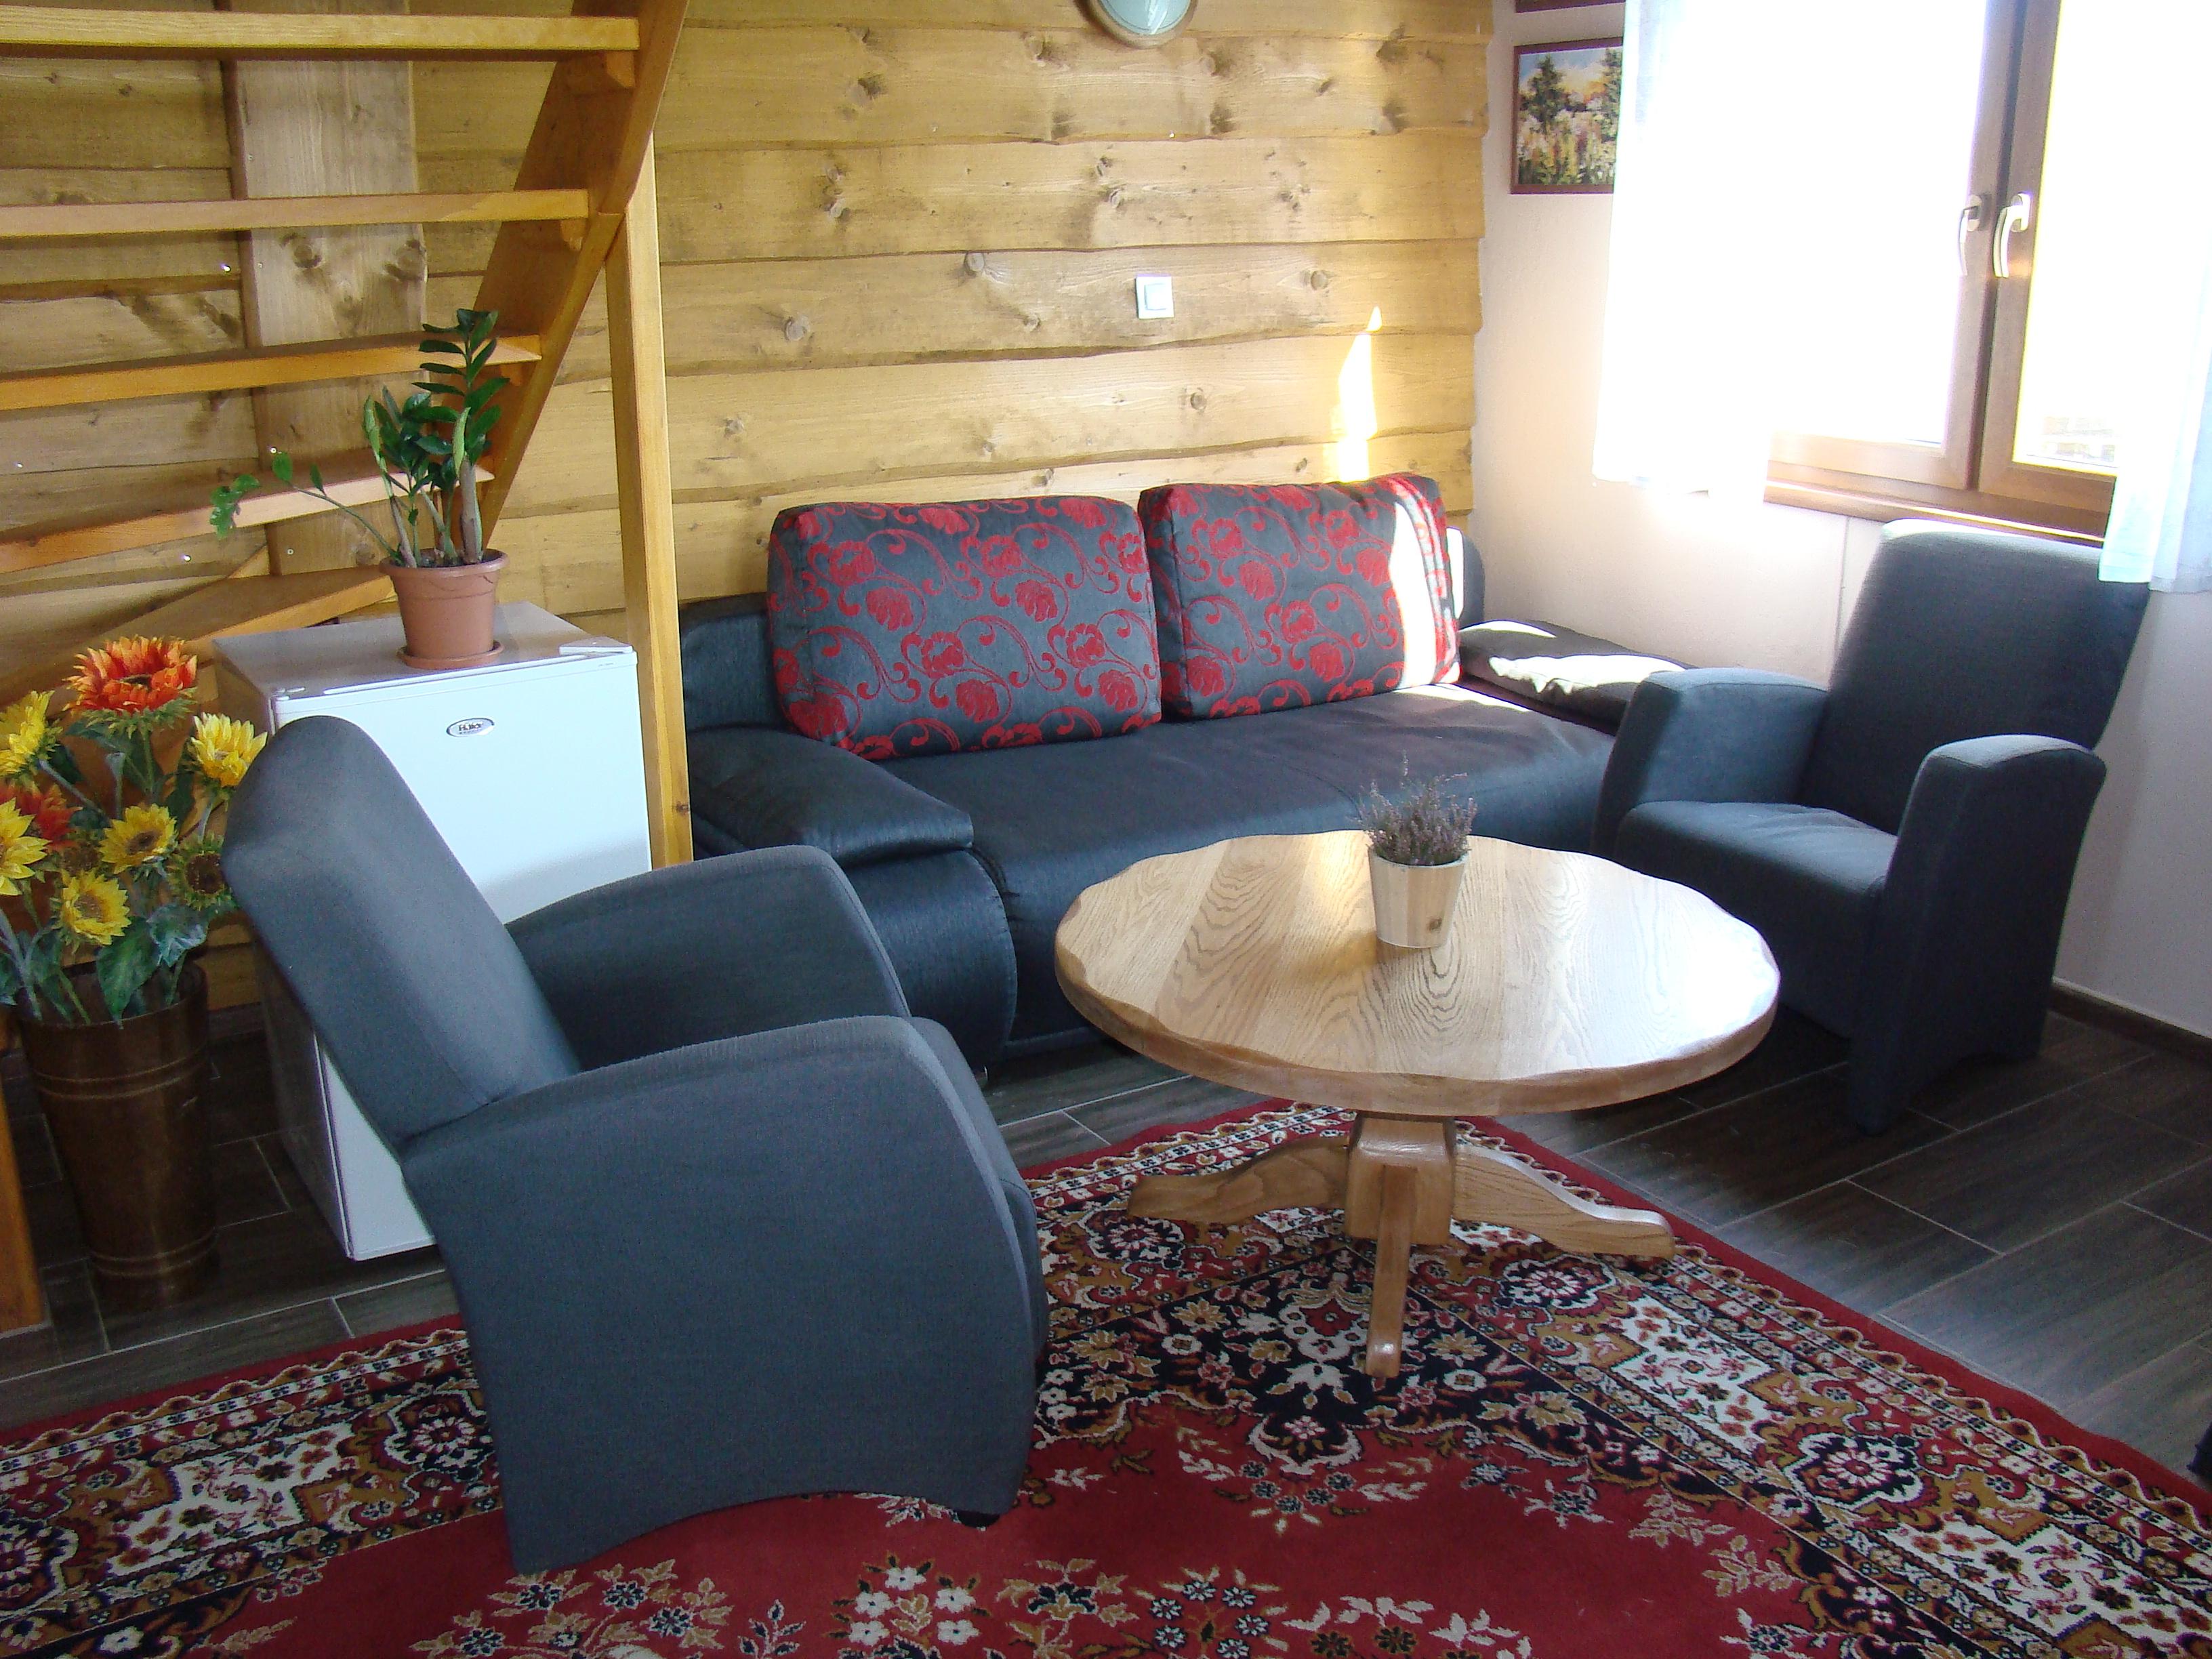 Salon z rozkładana kanapą